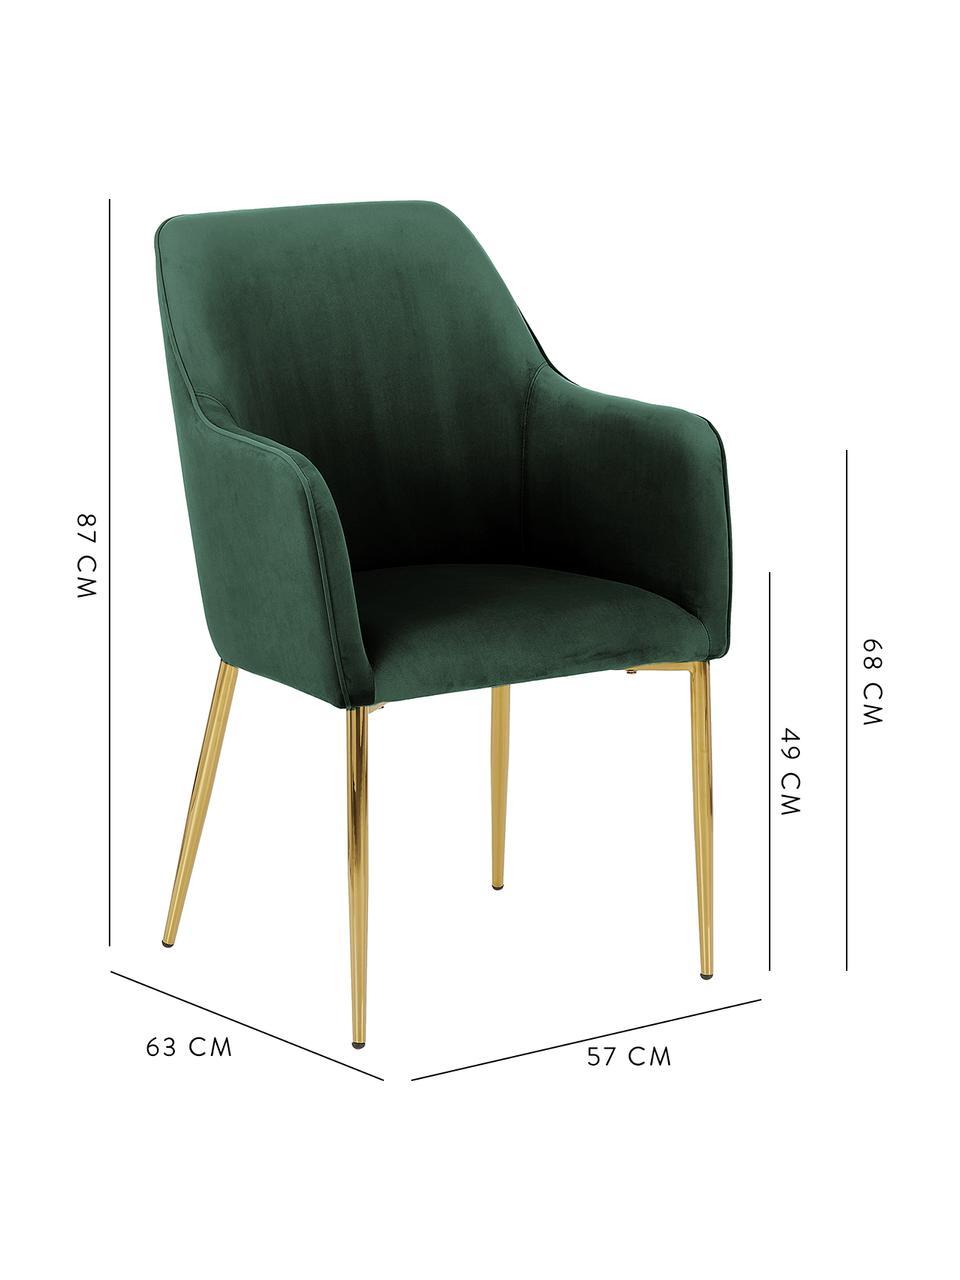 Sedia con braccioli in velluto verde scuro  Ava, Rivestimento: velluto (100% poliestere), Gambe: metallo zincato, Velluto verde scuro, gambe oro, Larg. 57 x Prof. 63 cm